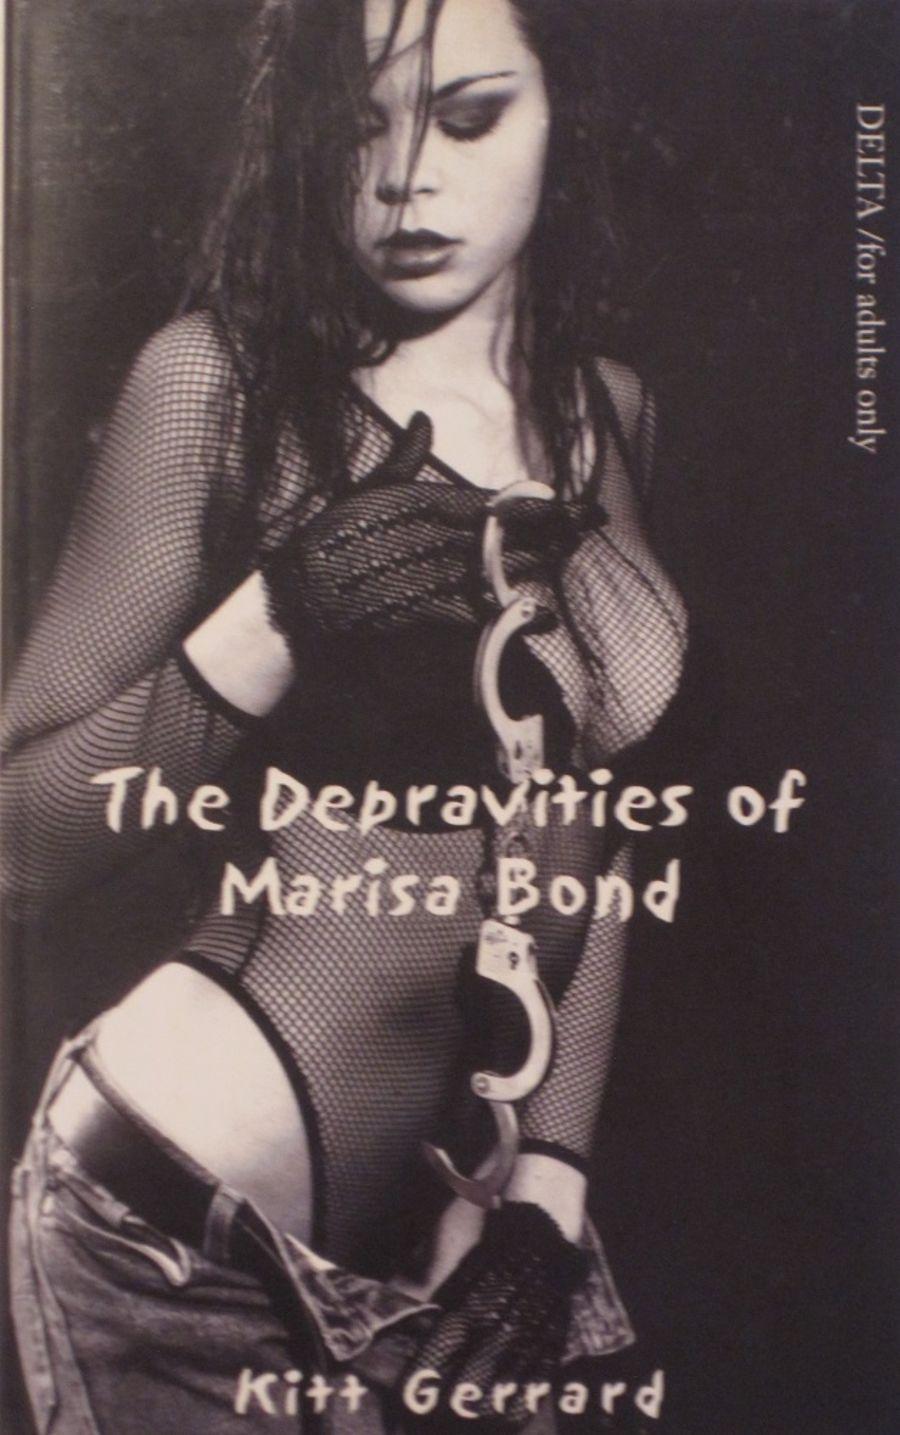 THE DEPRAVITIES OF MARISA BOND.  1998 EROTIC FICTION PAPERBACK BOOK.